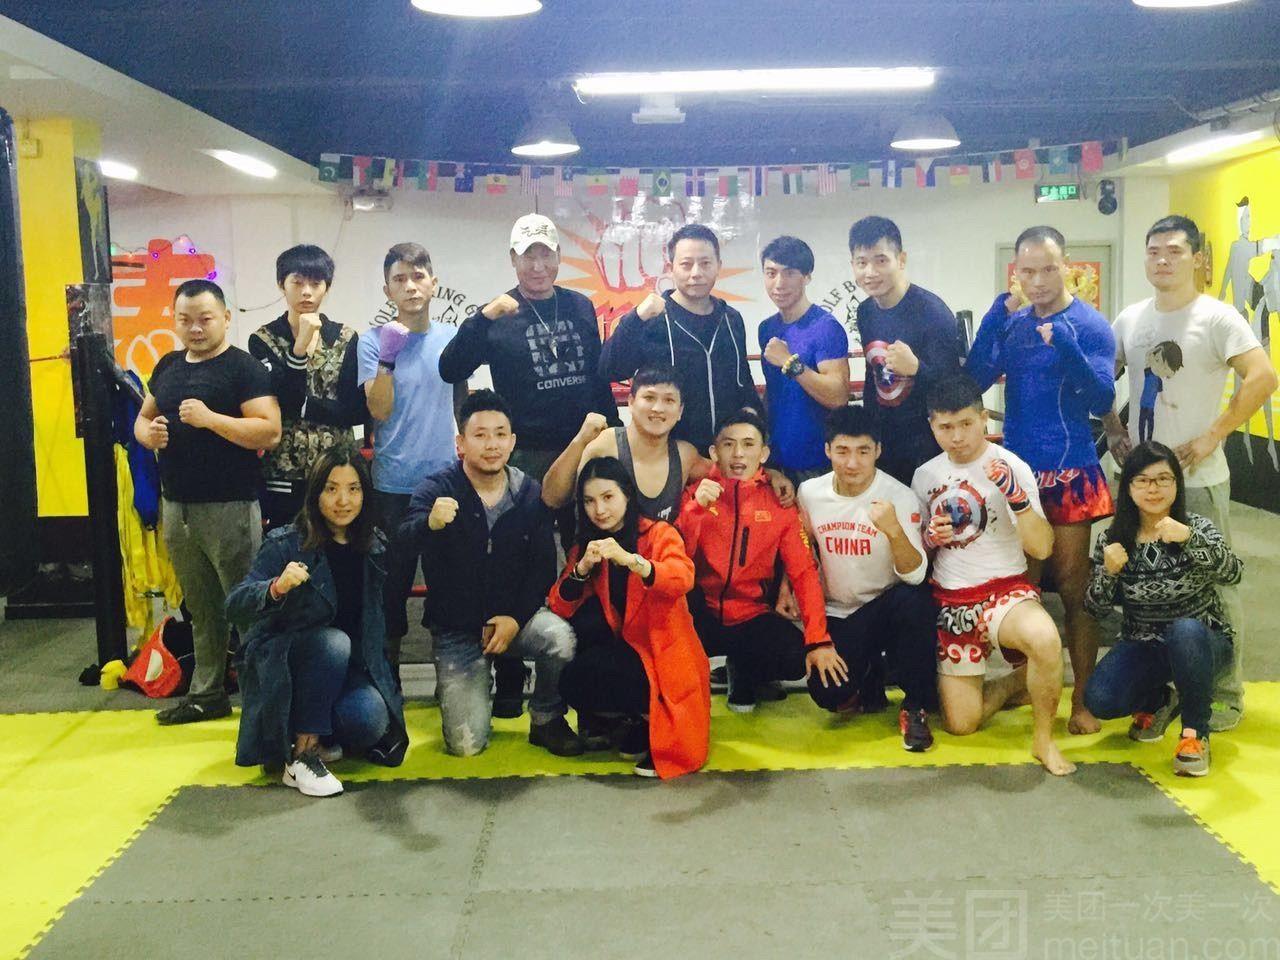 拳盛时代拳击俱乐部-美团